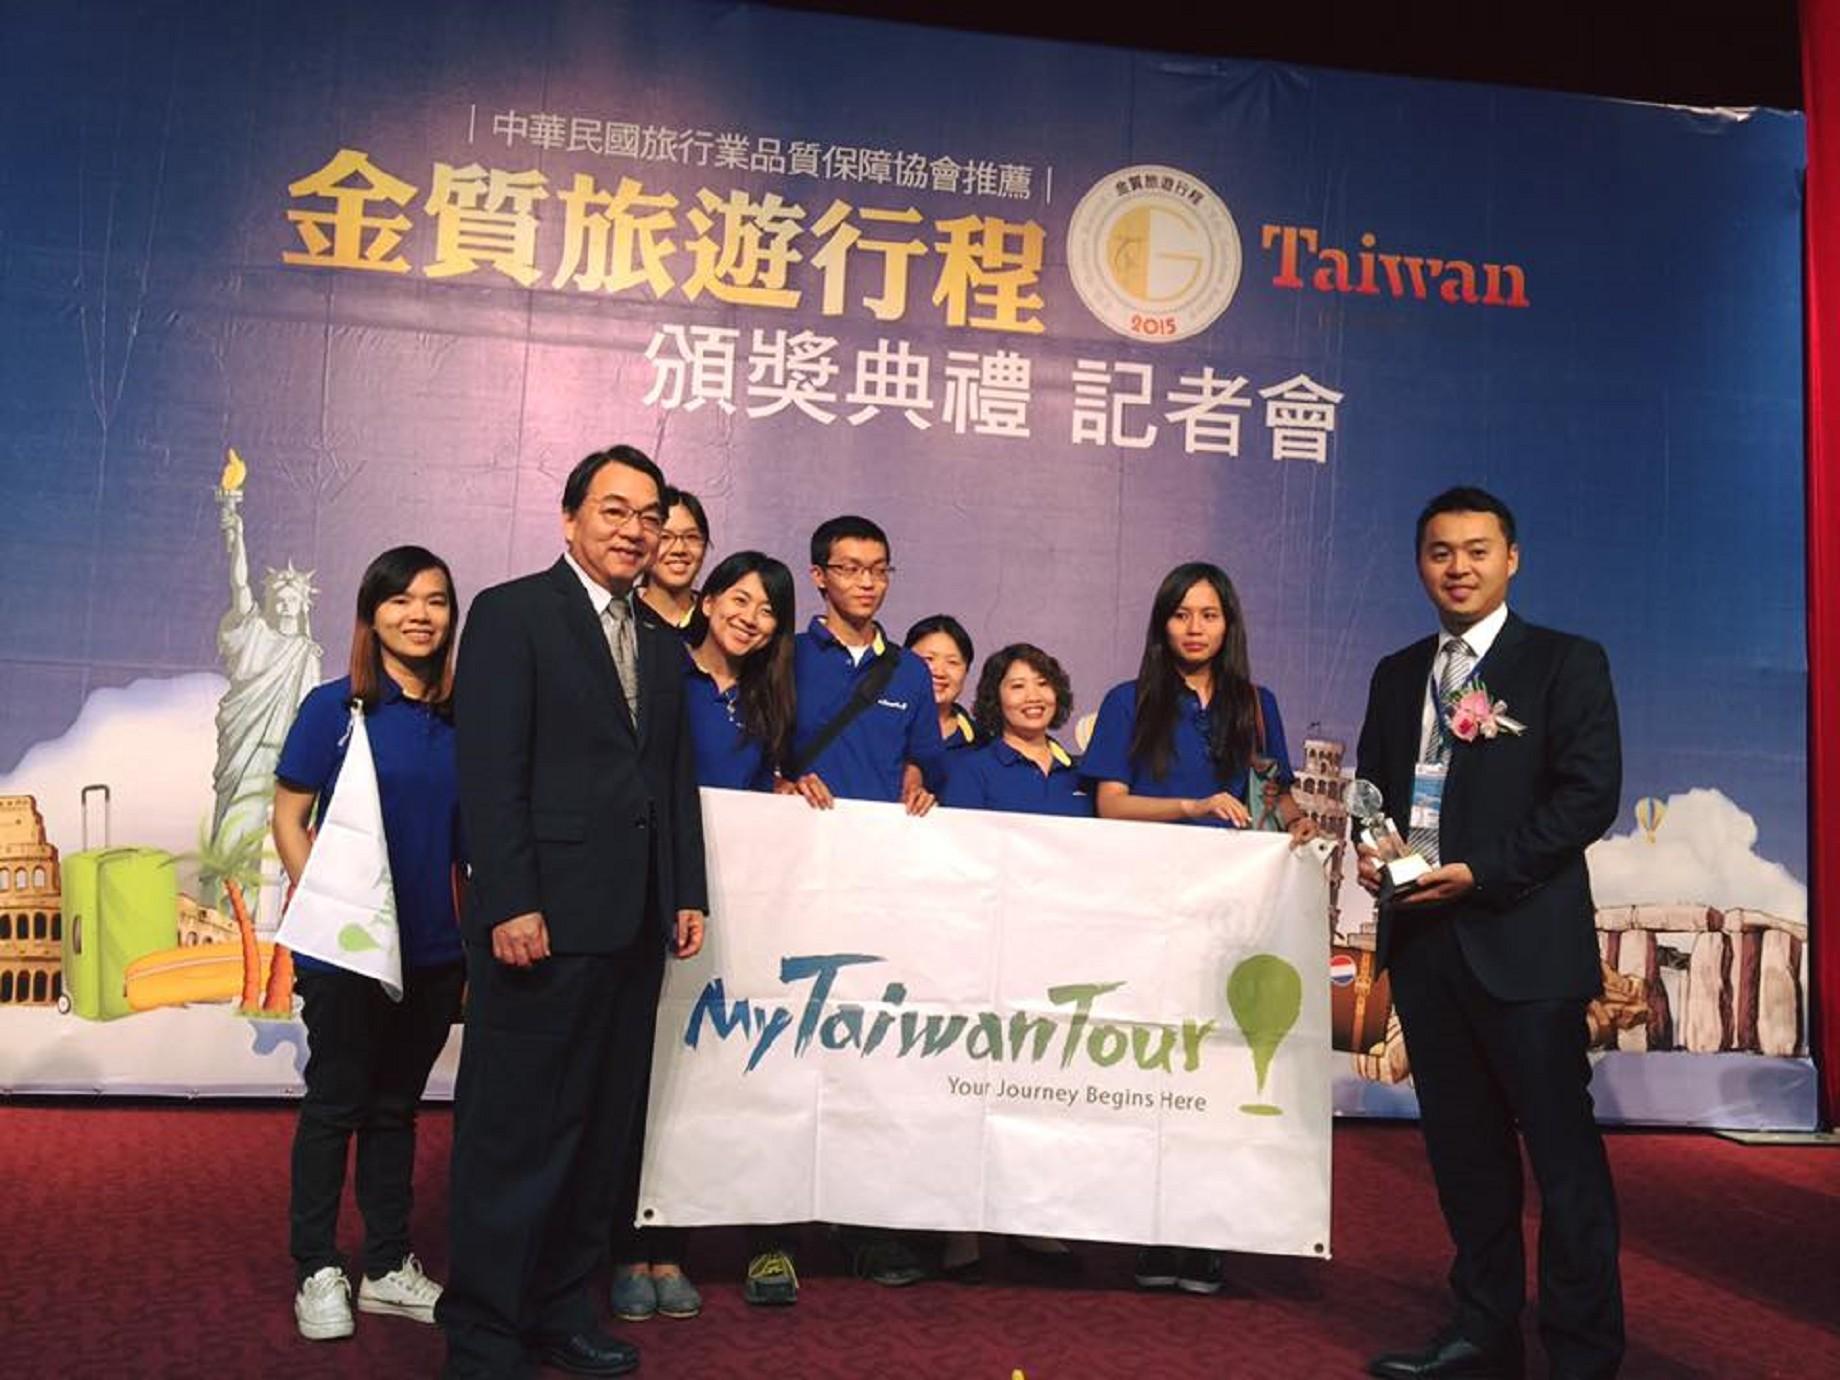 旅遊O2O最難複製的是線下體驗,台灣觀光政策需要大翻轉